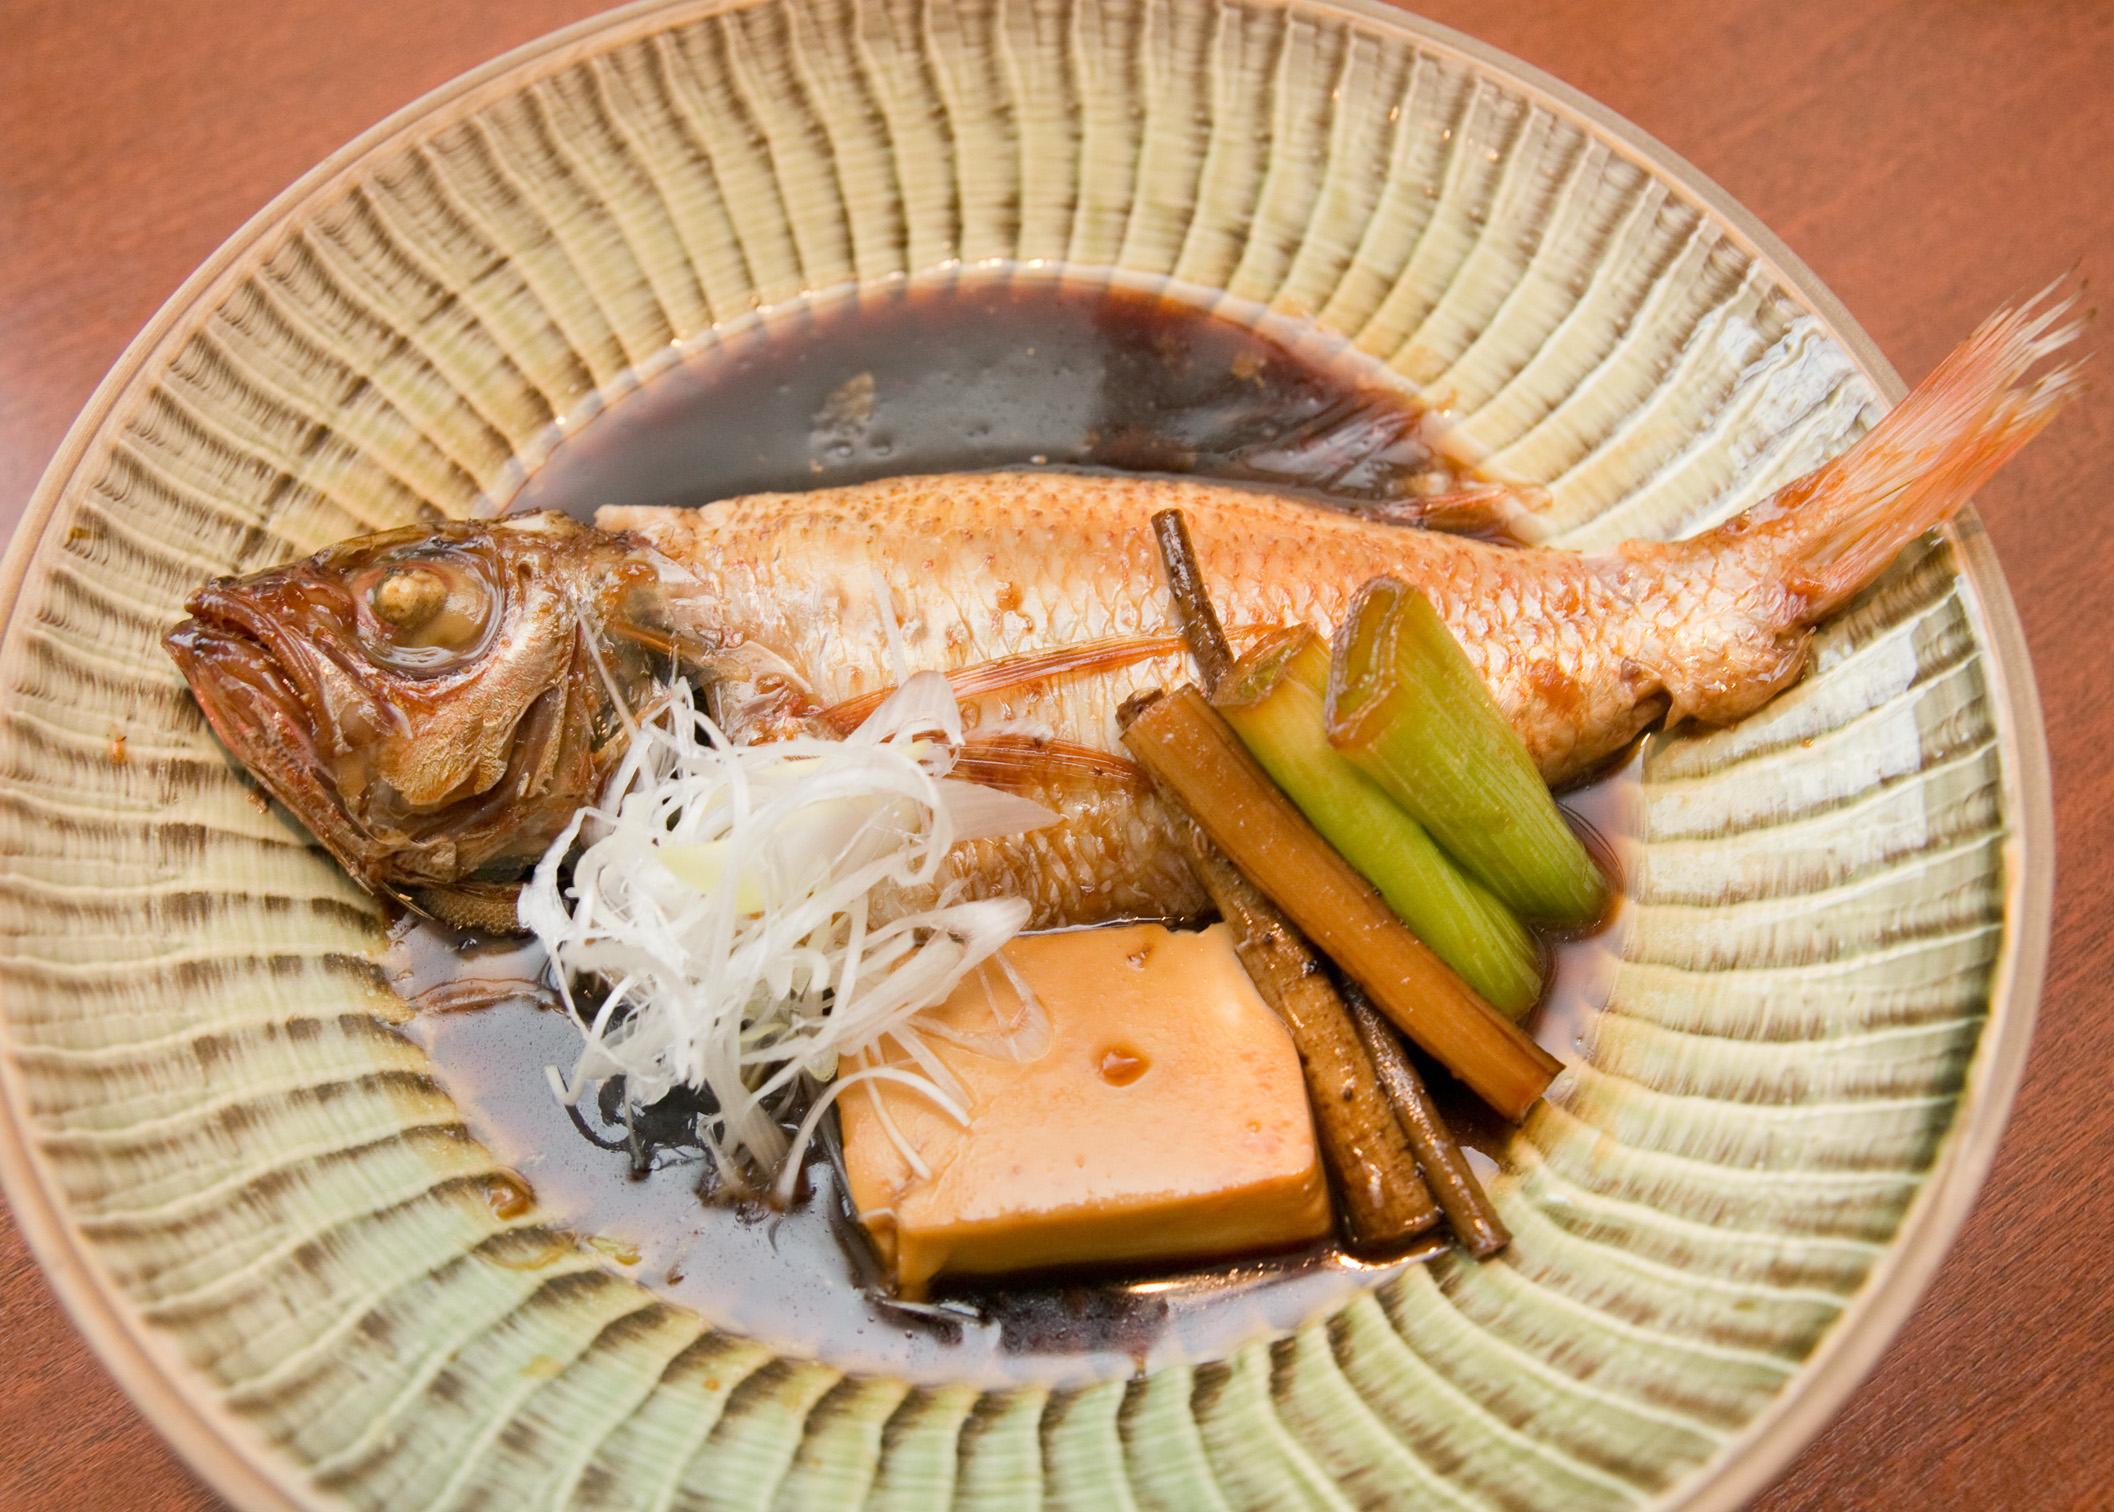 良質な脂がのった赤むつの煮付。高級魚でもリーズナブルに提供しています。塩焼も美味。